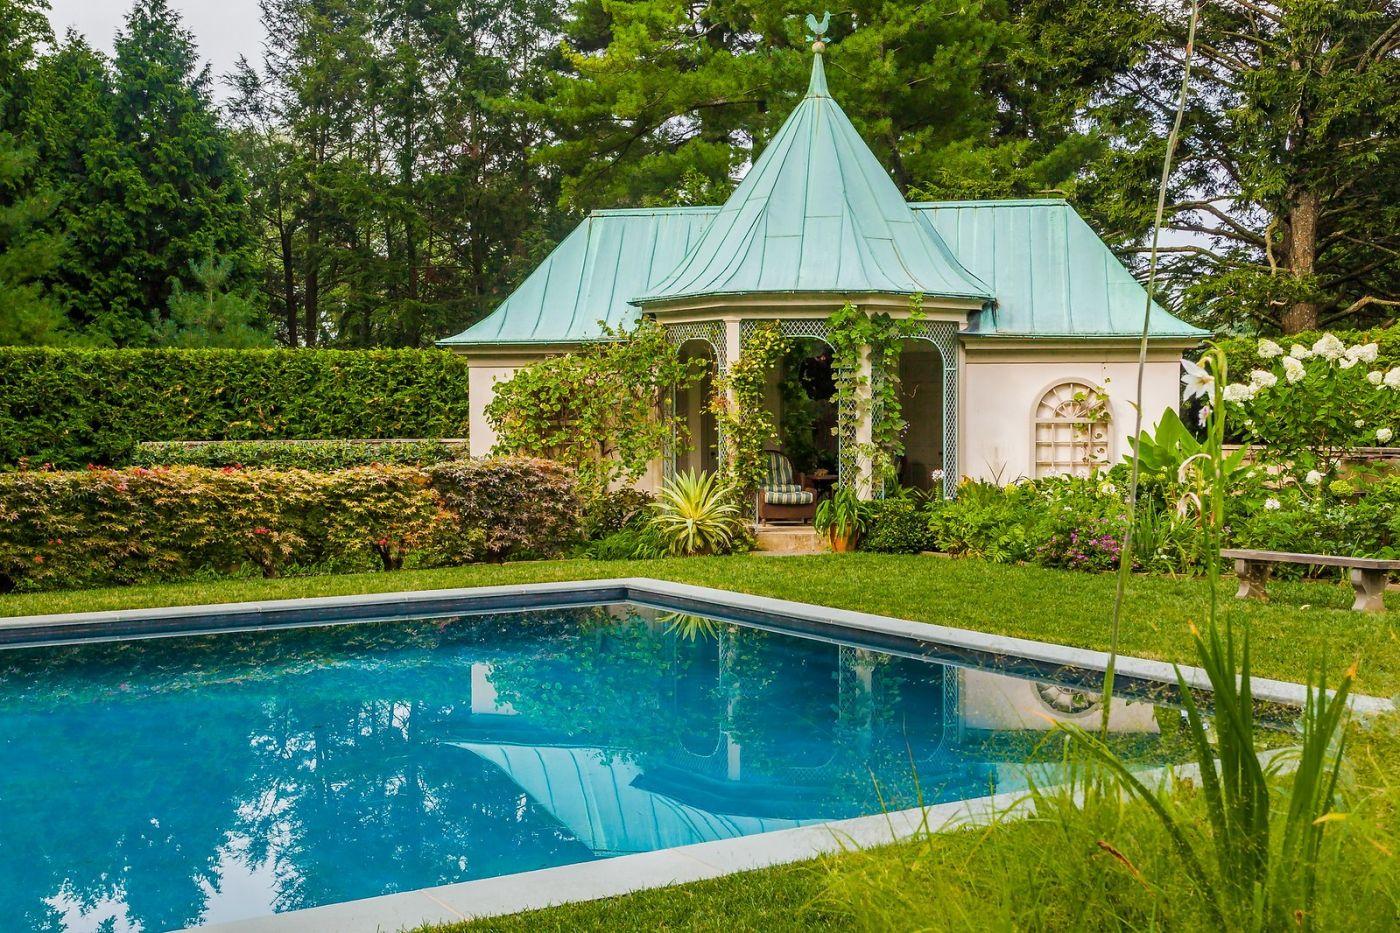 Chanticleer花园,花房泳池_图1-36